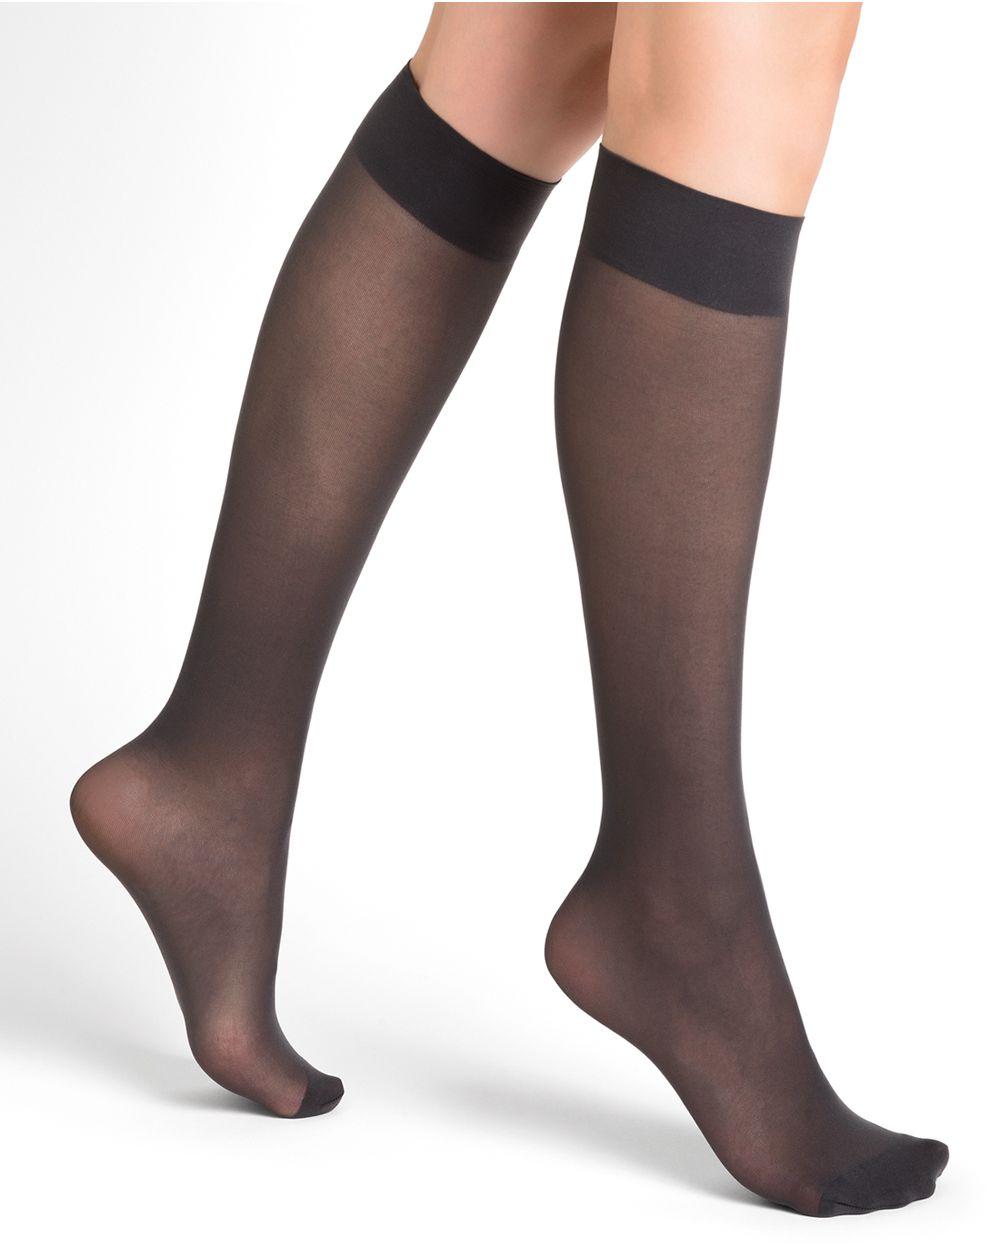 Velvety 30D semi-opaque knee highs